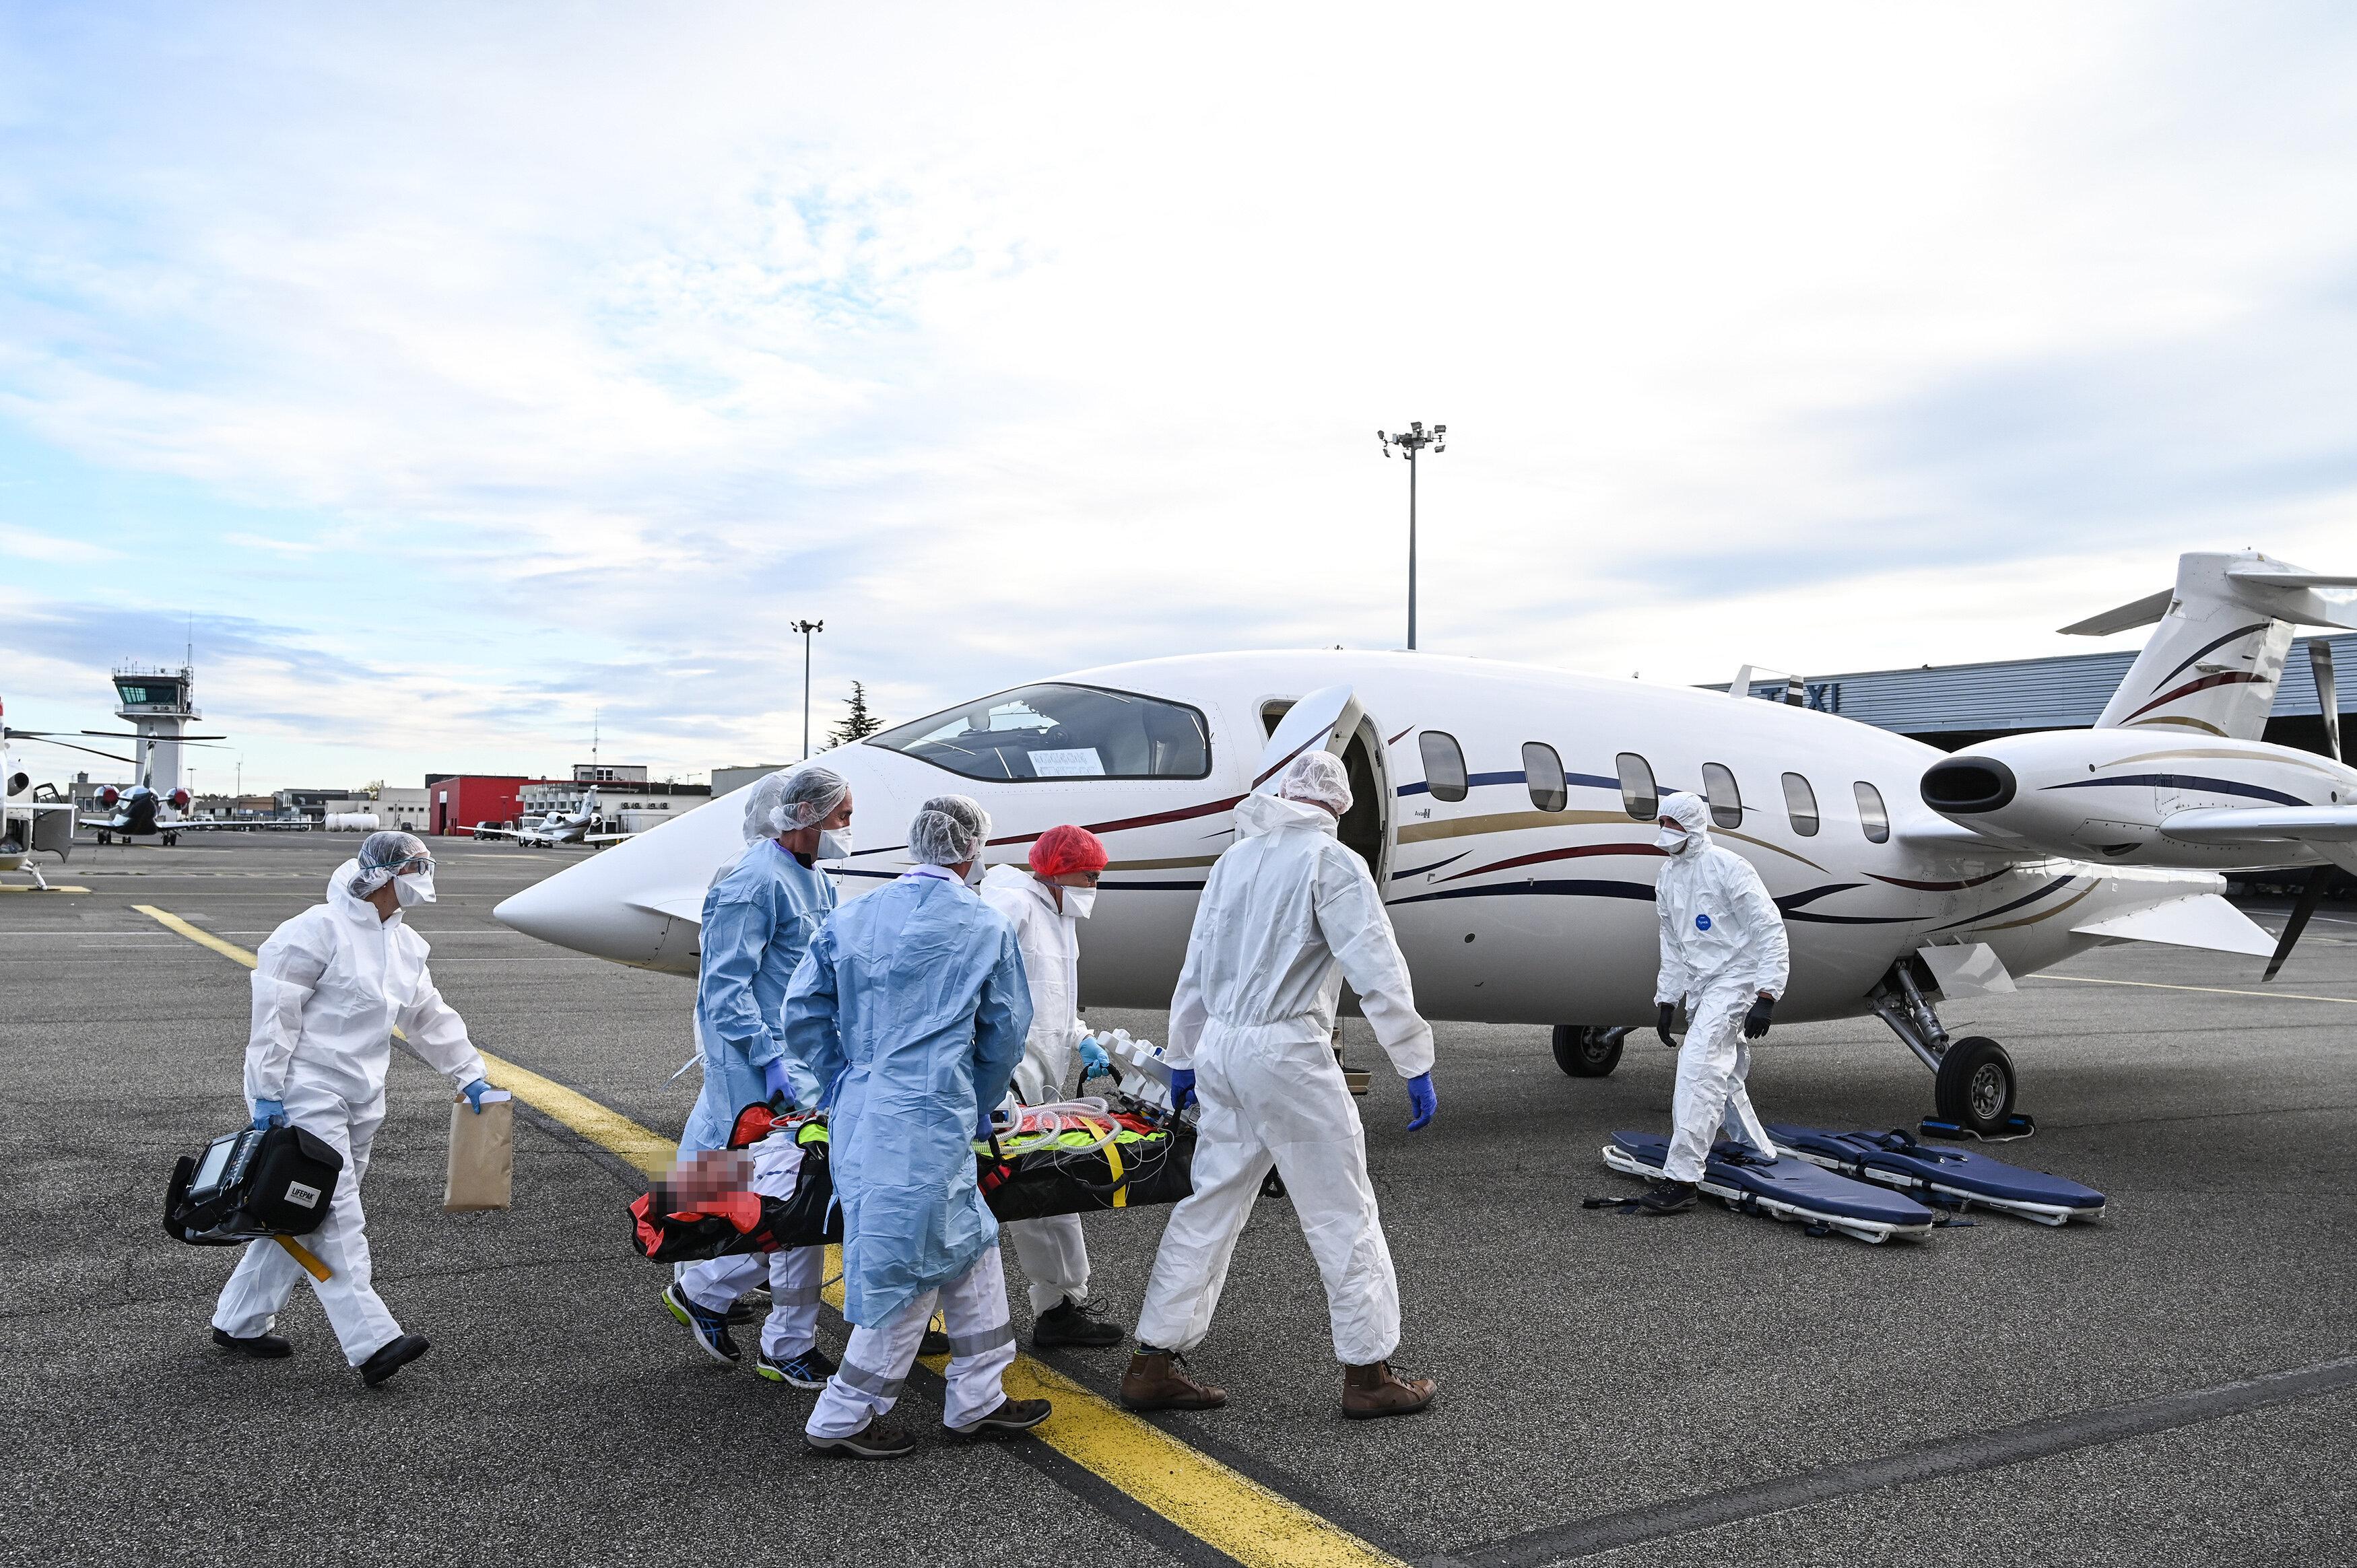 Un patient Covid-19 emmené pour un vol médical à l'aéroport de Bron près...